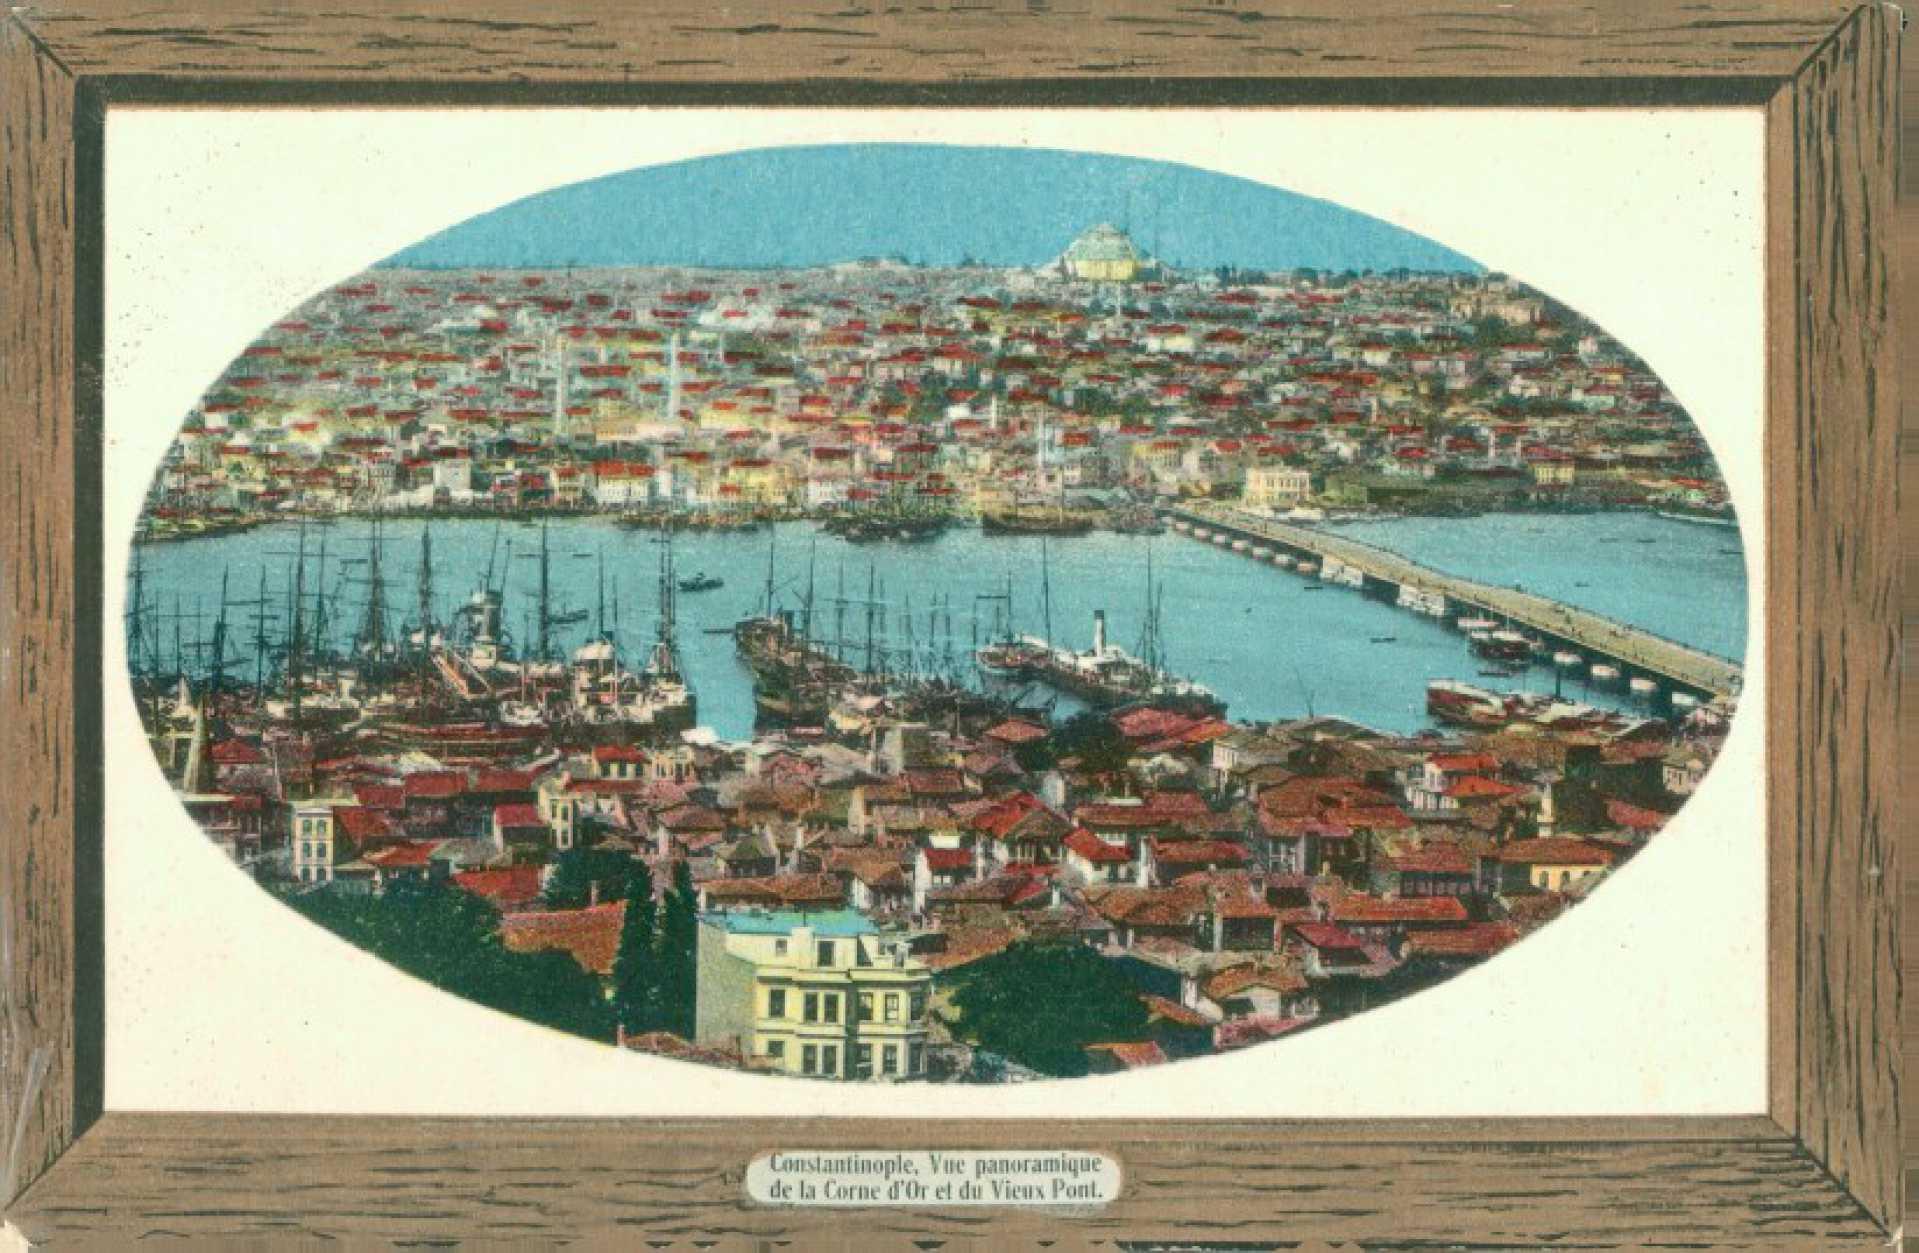 Constantinople. Vue panoramique de la Corne d'Or et du Vieux Pont